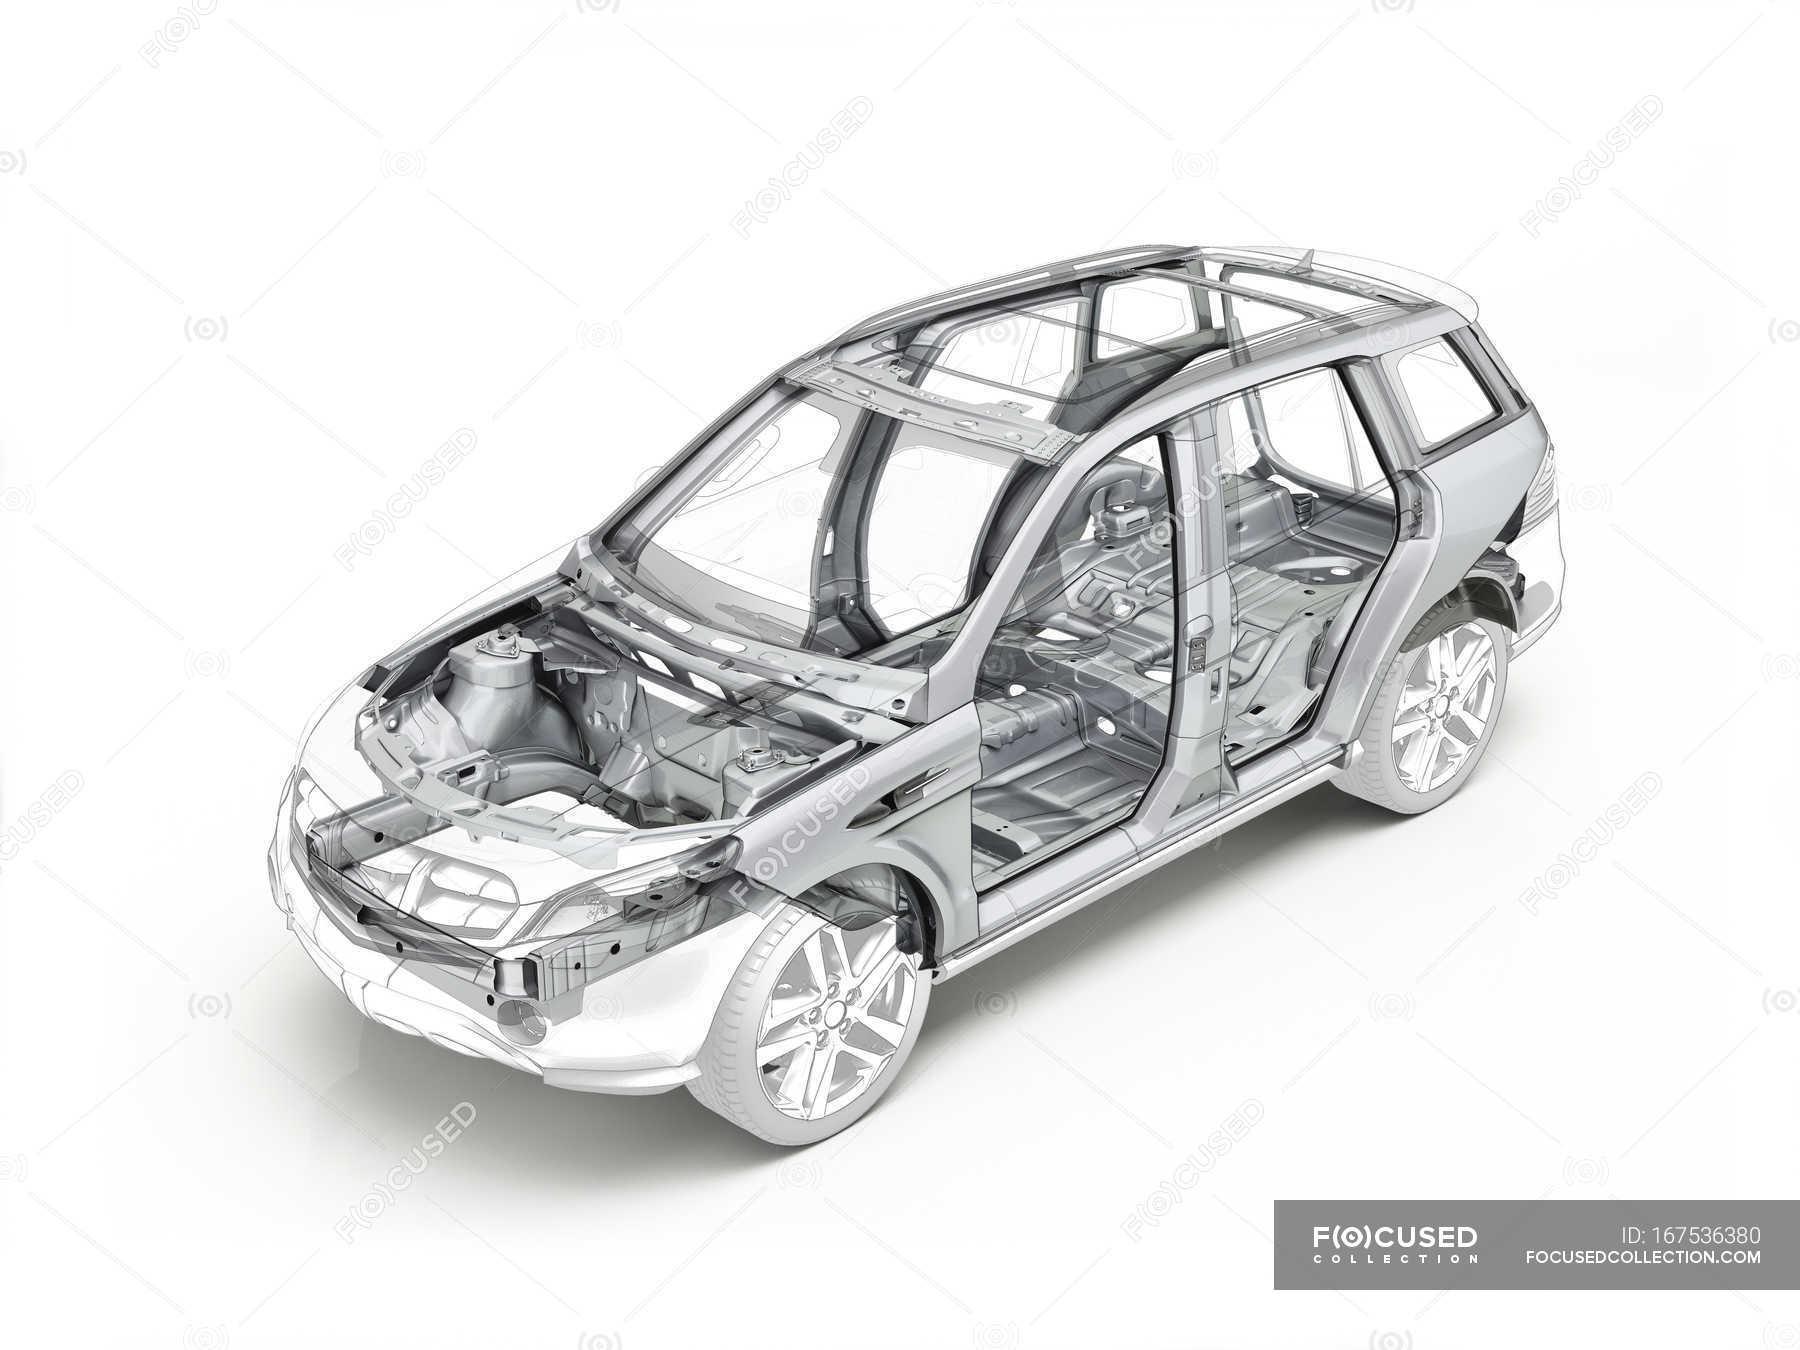 Technische Zeichnung des Auto-Struktur — Stockfoto   #167536380